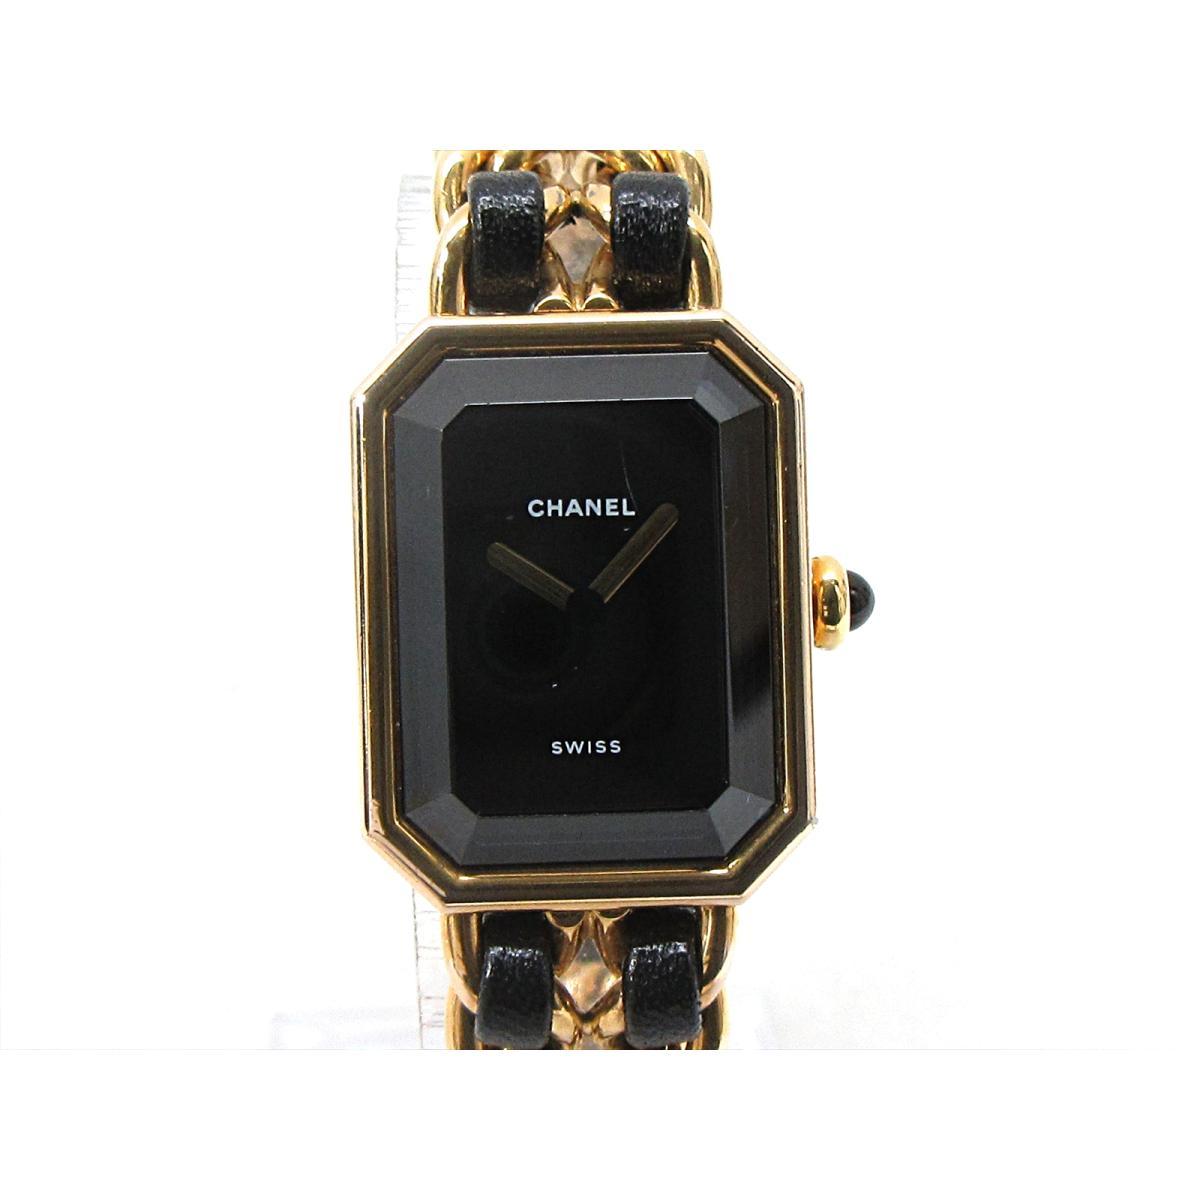 シャネル プルミエールL 腕時計 ウォッチ 時計 レディース GP レザーベルト (H0001) 【中古】 | CHANEL BRANDOFF ブランドオフ ブランド ブランド時計 ブランド腕時計